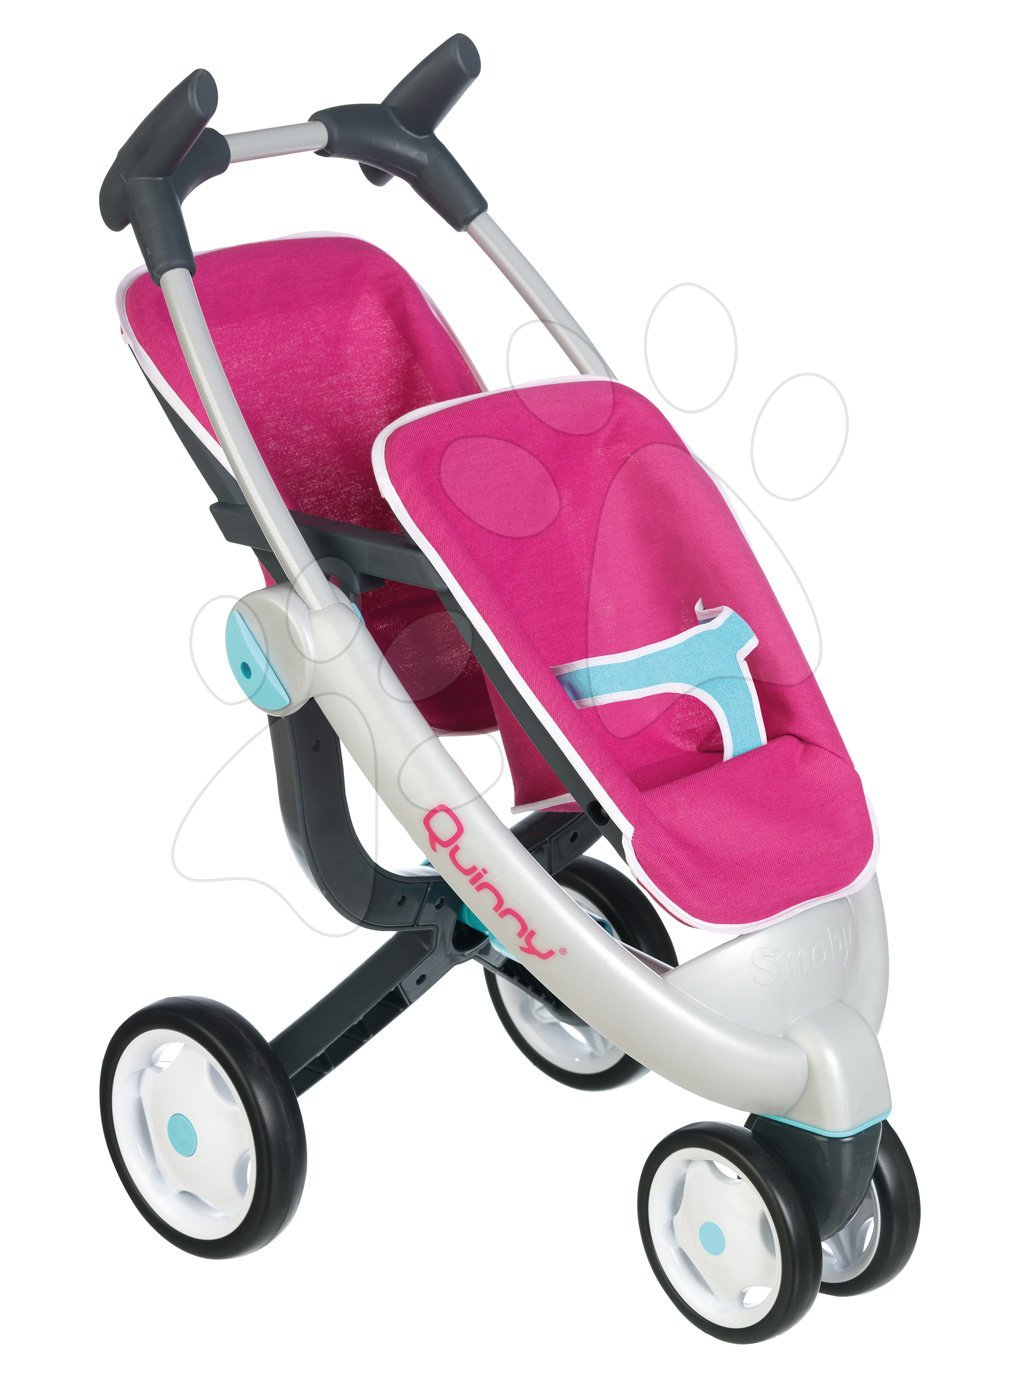 Smoby kočík pre dve bábiky Maxi Cosi & Quinny Twin obojstranný 551592 ružovo-modrý